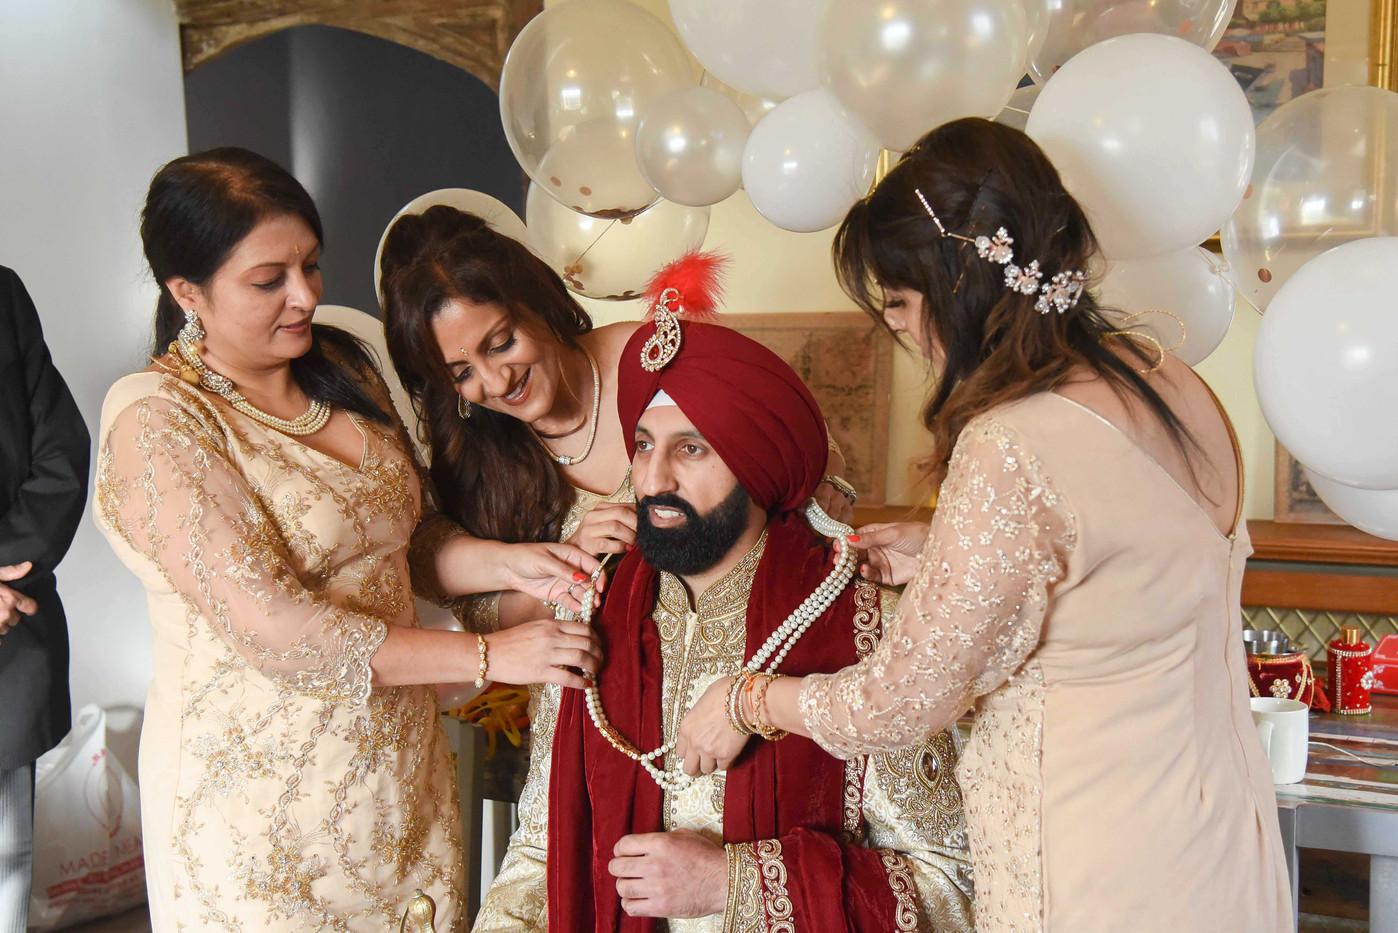 groom-at-indian-wedding-sisters.jpg